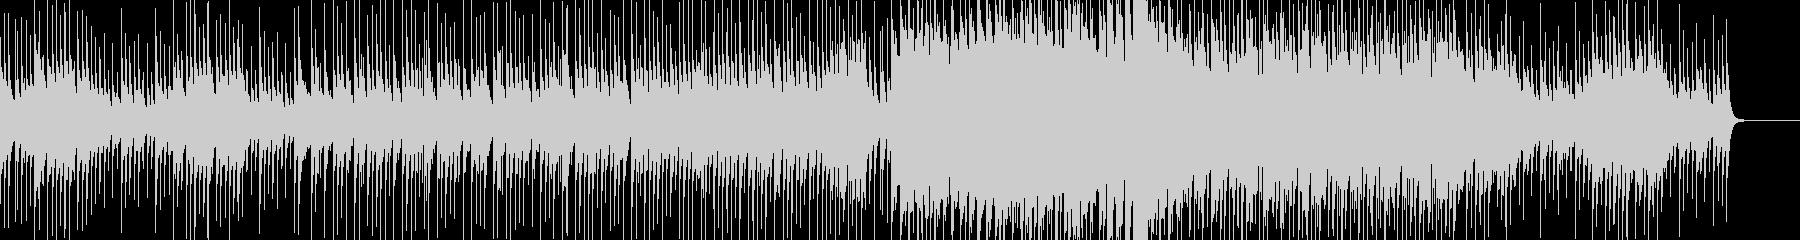 ポップで独特なバラードの未再生の波形